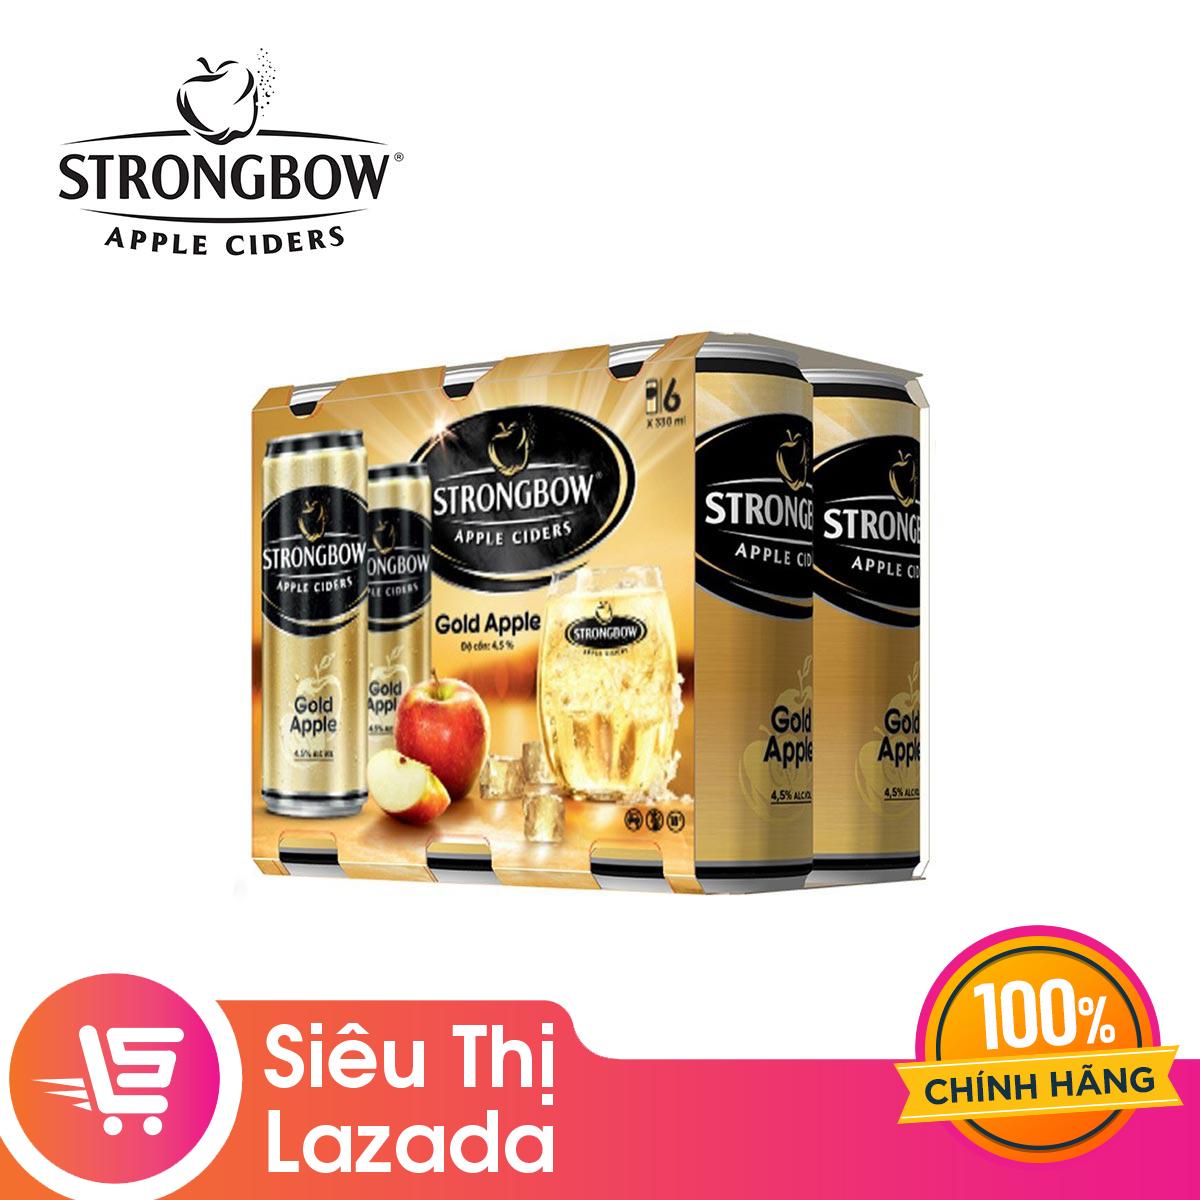 [Siêu thị Lazada]Lốc 6 Lon cao Strongbow vị Gold Táo nguyên bản (330ml x 6 Lon) ngọt dịu, thanh mát kèm chát nhẹ thơm ngon